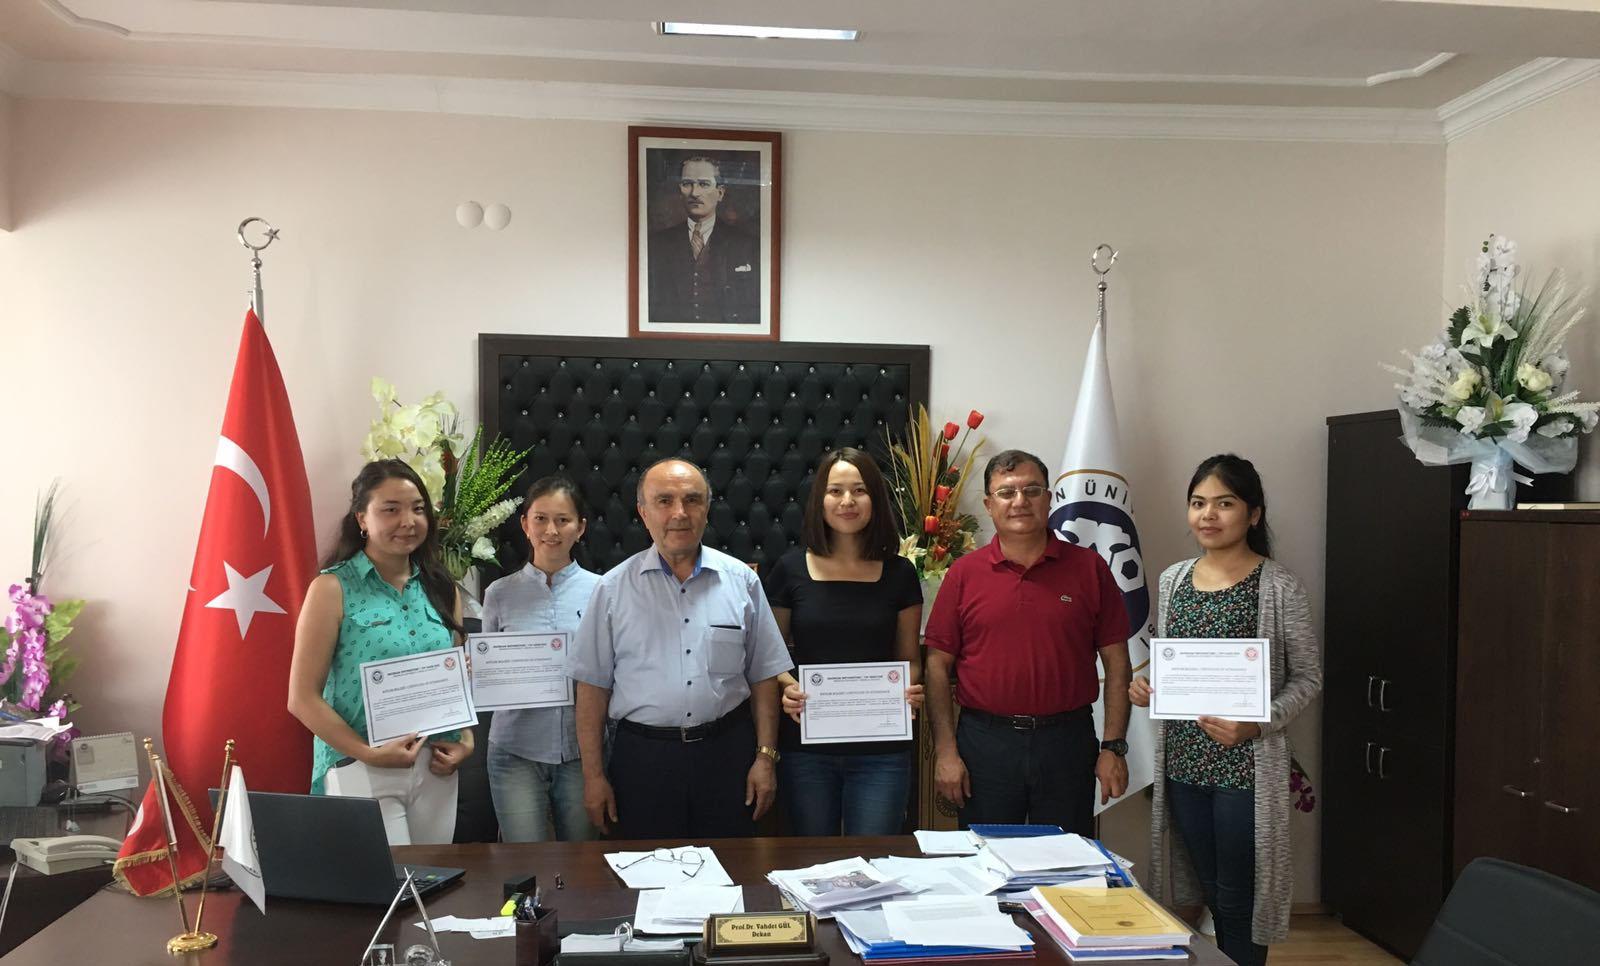 I.K Akhunbayev Kırgız Devlet Tıp Akademisi'nden Fakültemize Gelen Öğrenciler